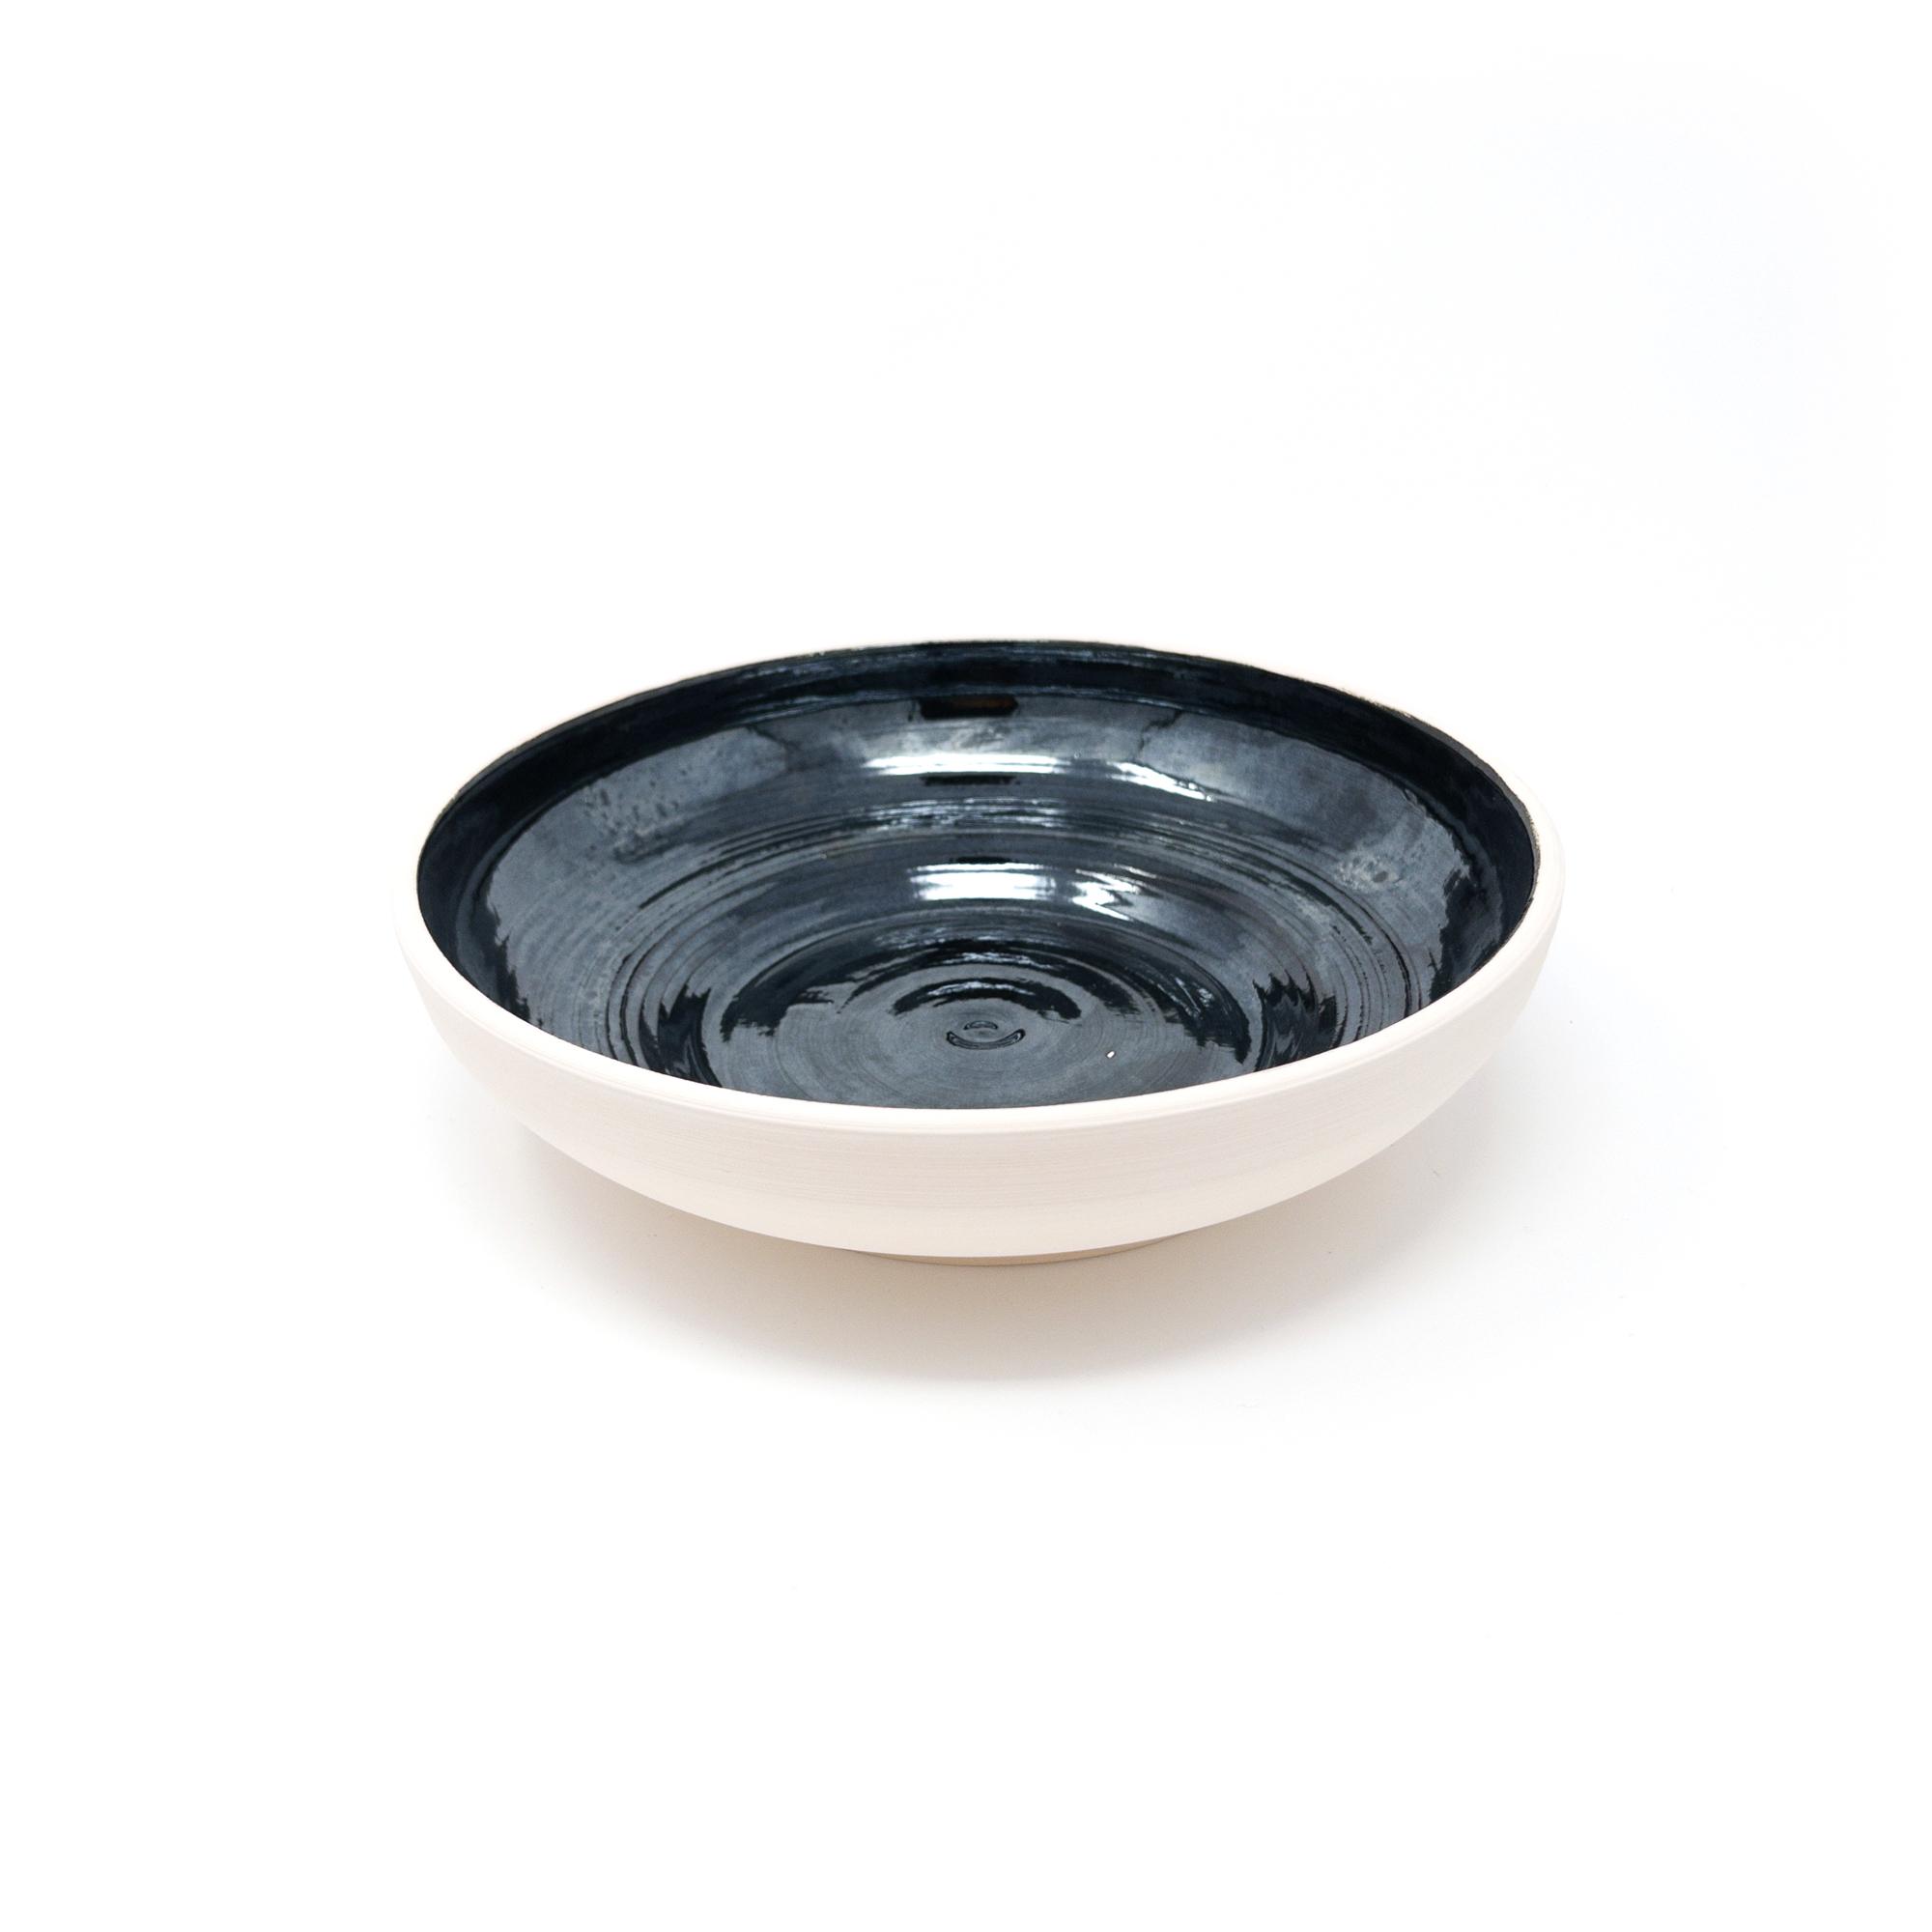 Metallic Black Bowl